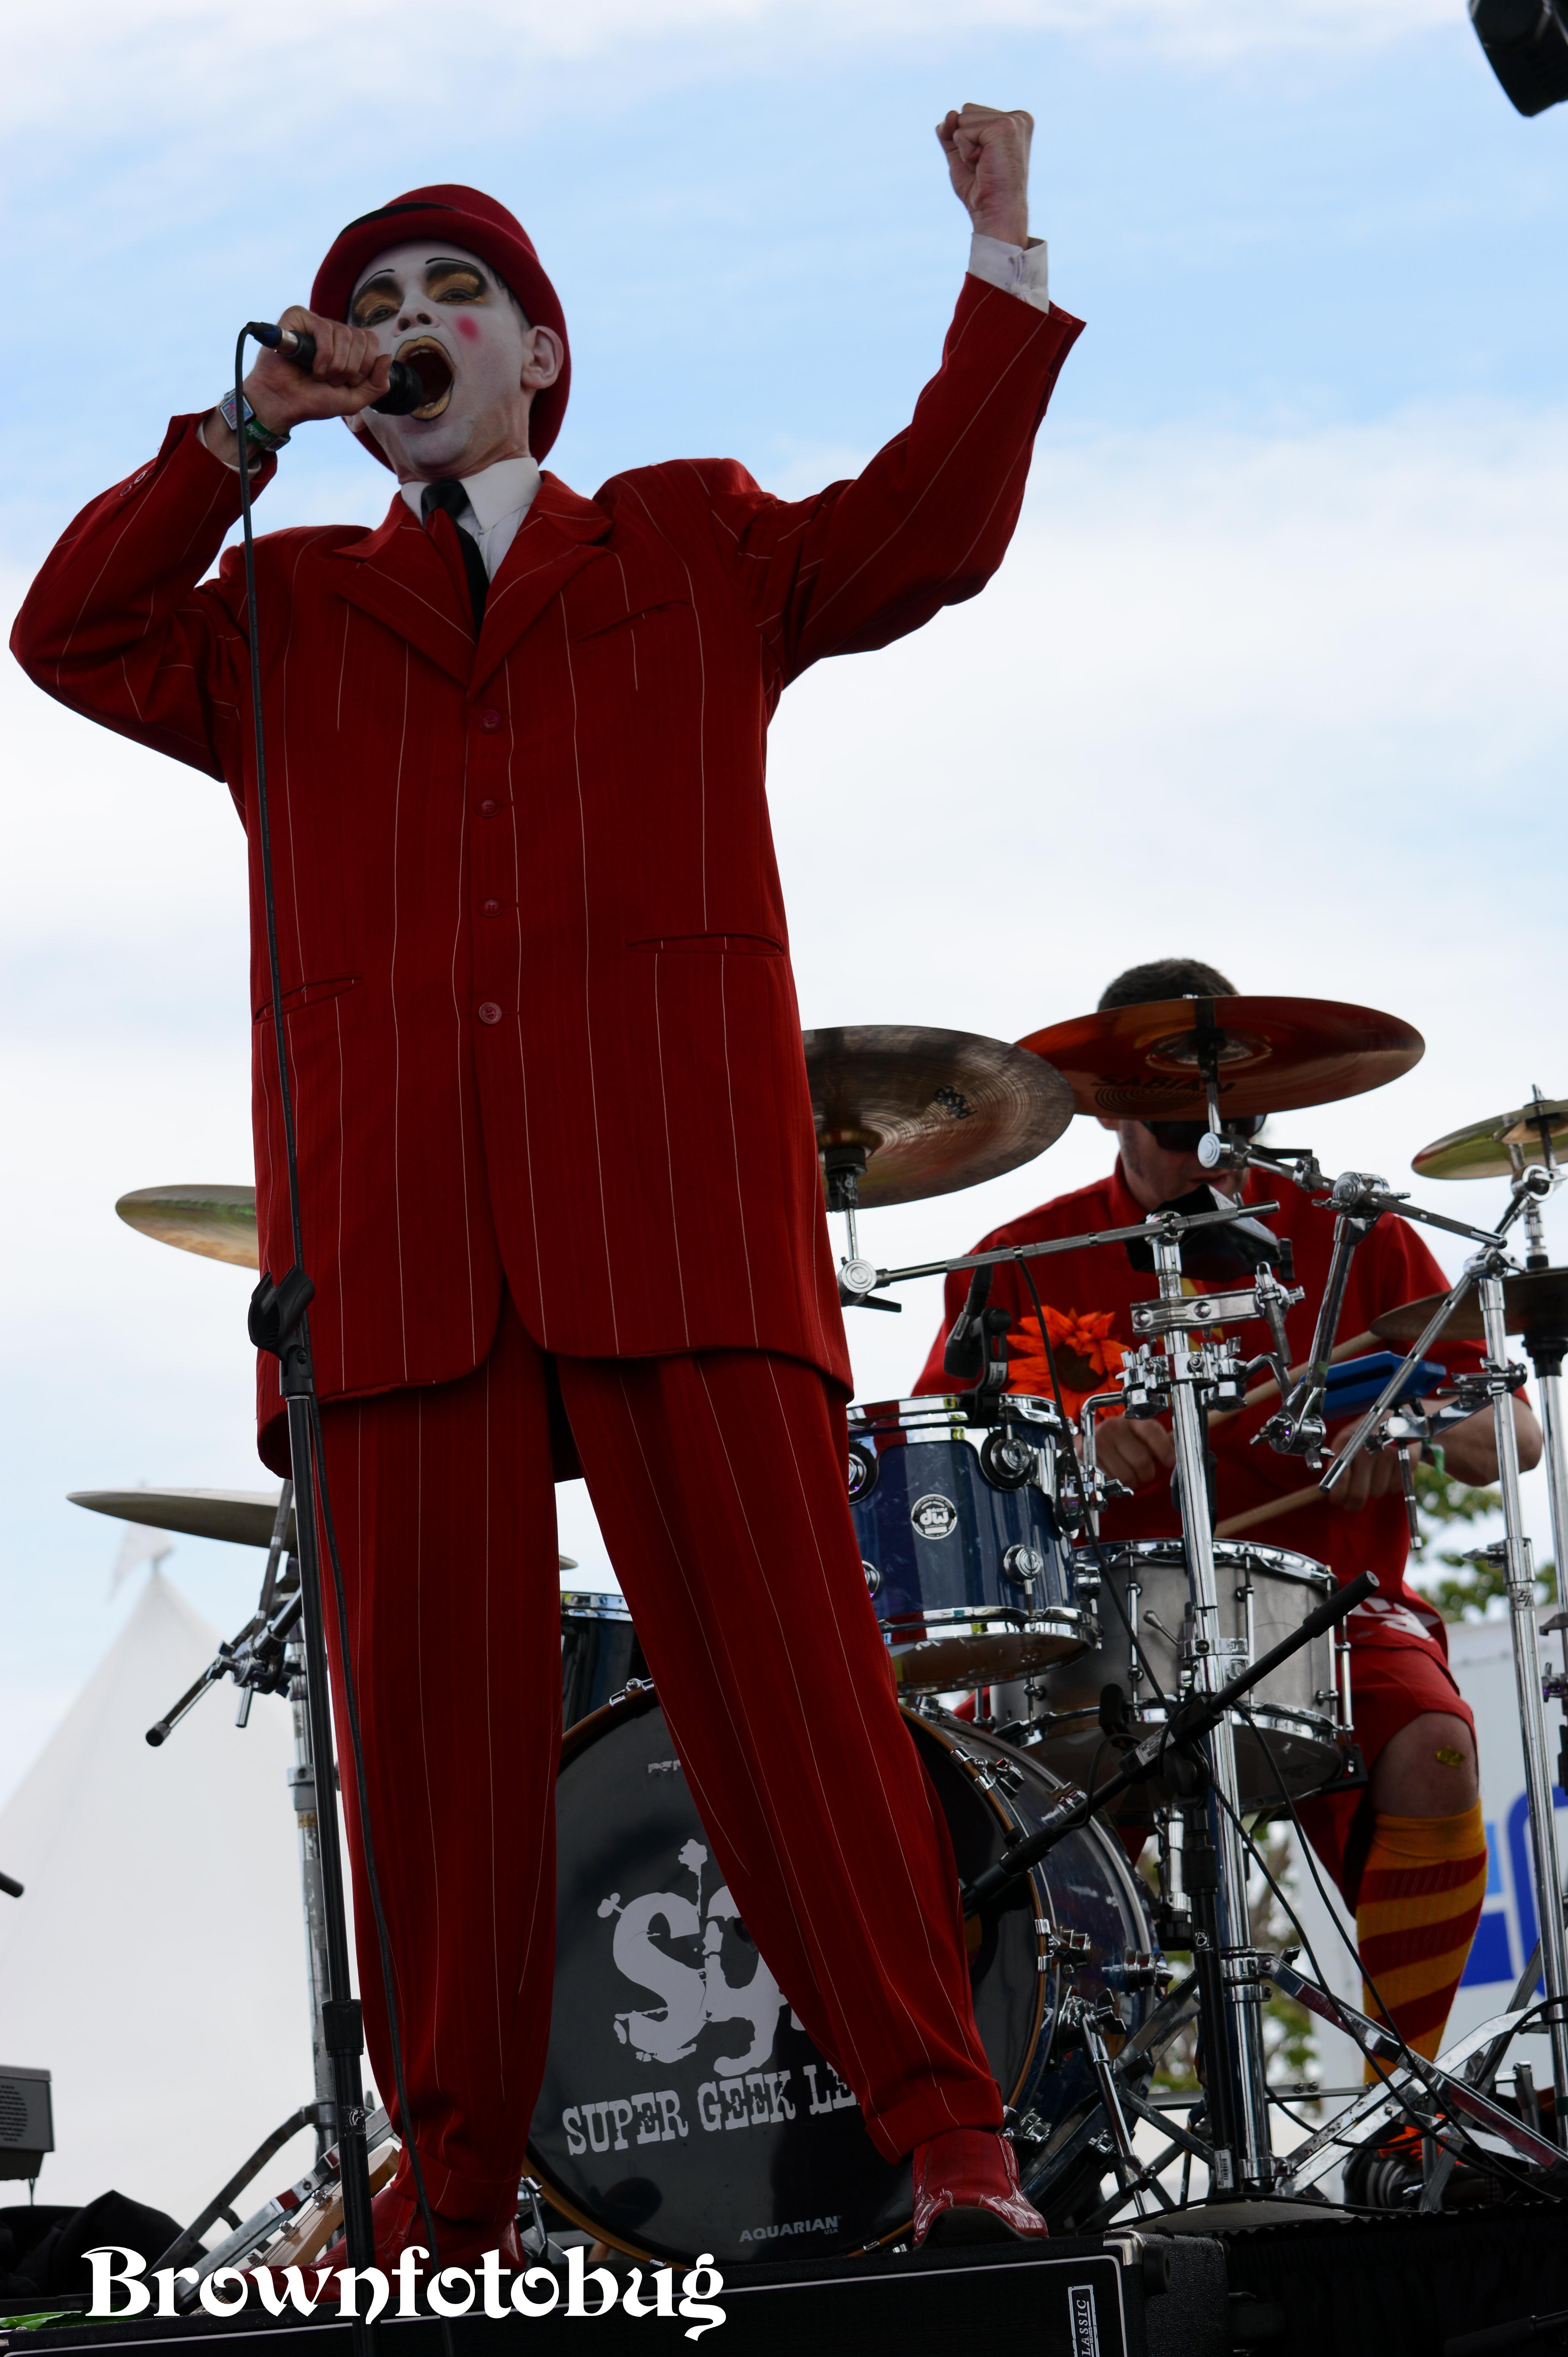 Super Geek League at Sasquatch! Music Festival (Photo by Arlene Brown)